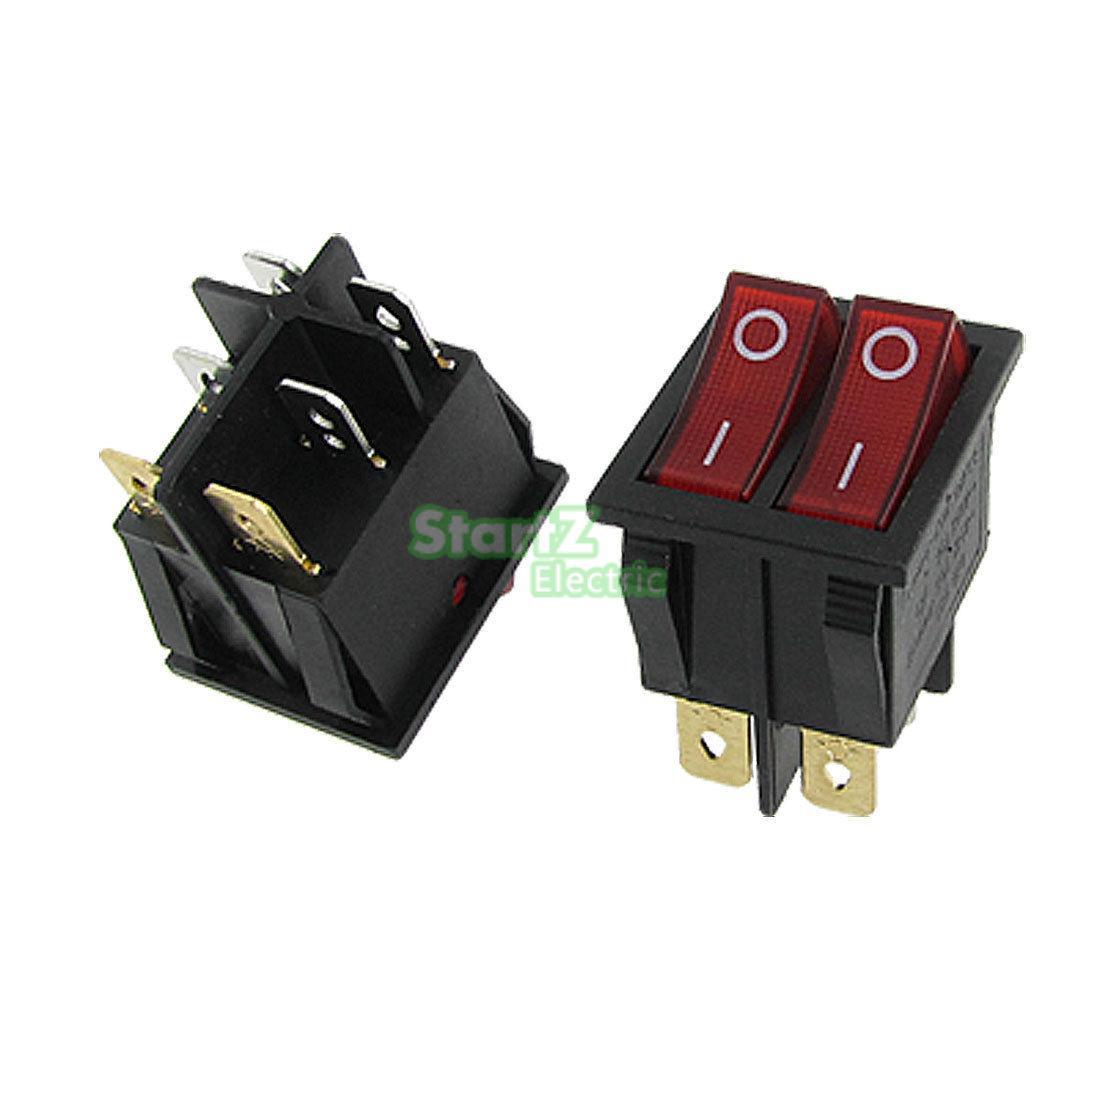 // 5Pcs AC 250V//16A 125V//20A Red Light Illuminated ON//Off DPST 4 Pin 2 Position